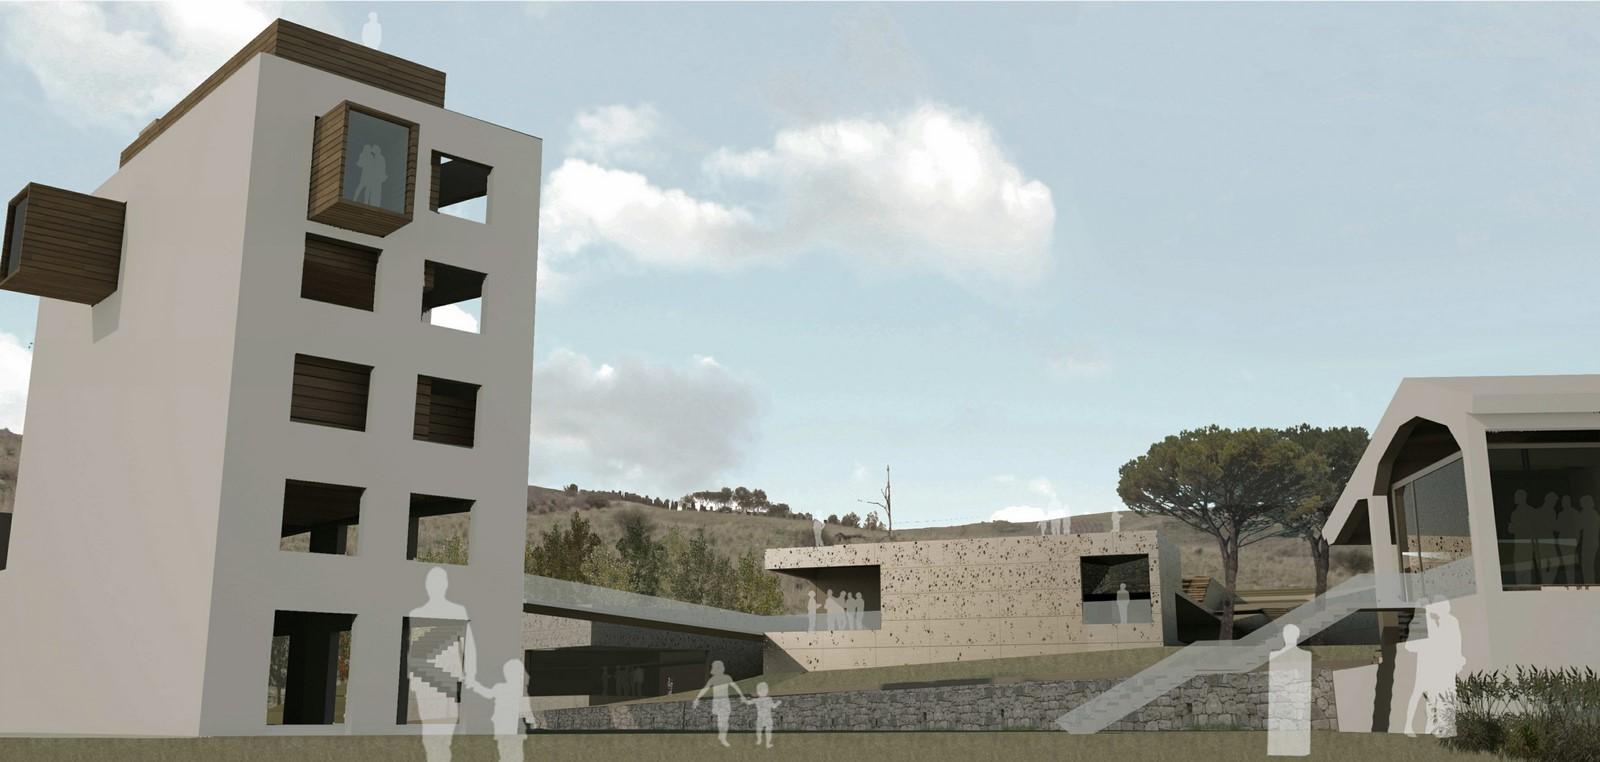 Architects in Palermo - Top 35 Architects in Palermo - Sheet33